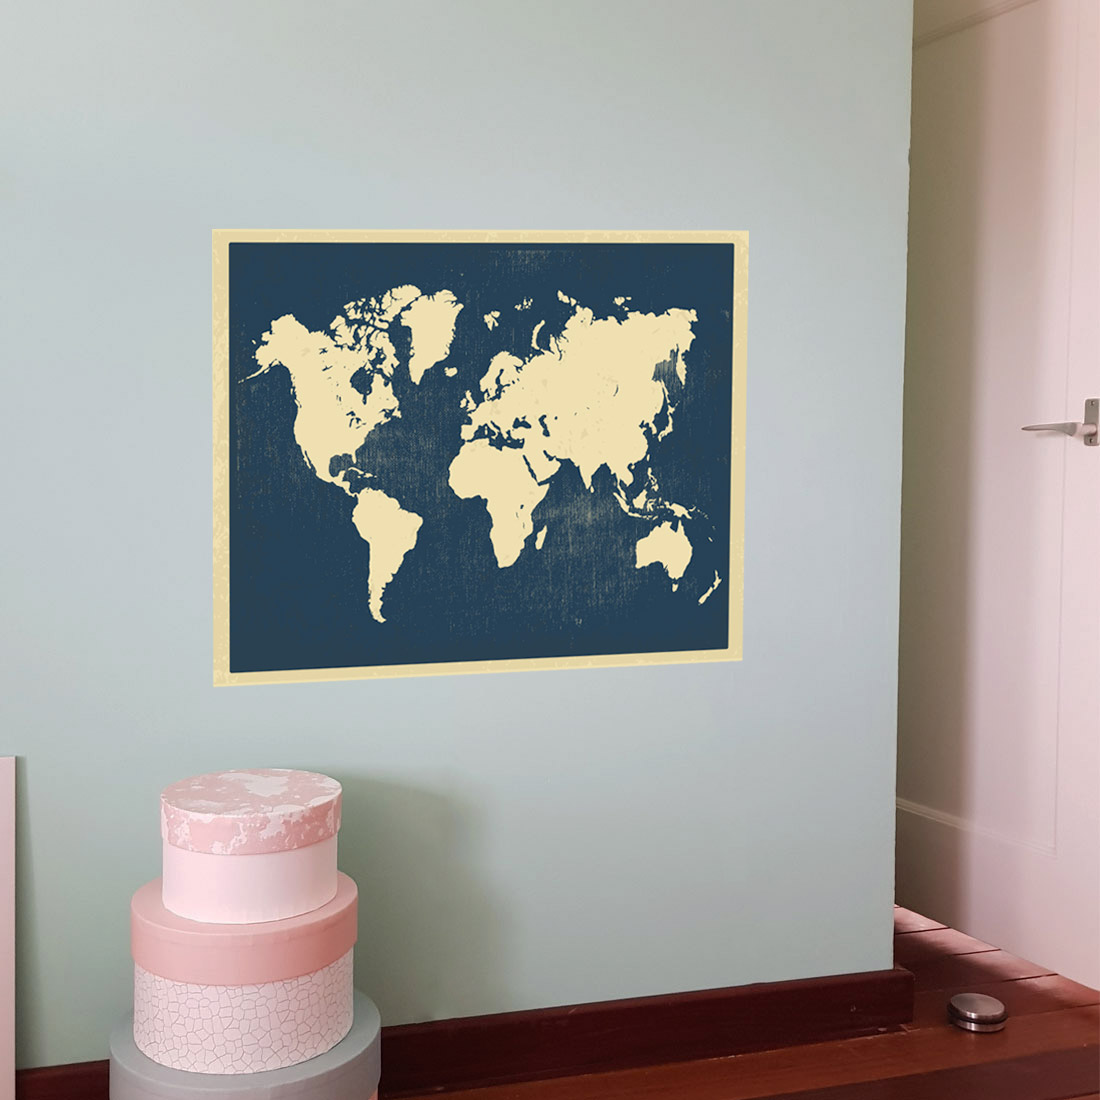 Muursticker Wereldkaart Krijt.Wereldkaart Op Muur Gallerywall With Wereldkaart Op Muur